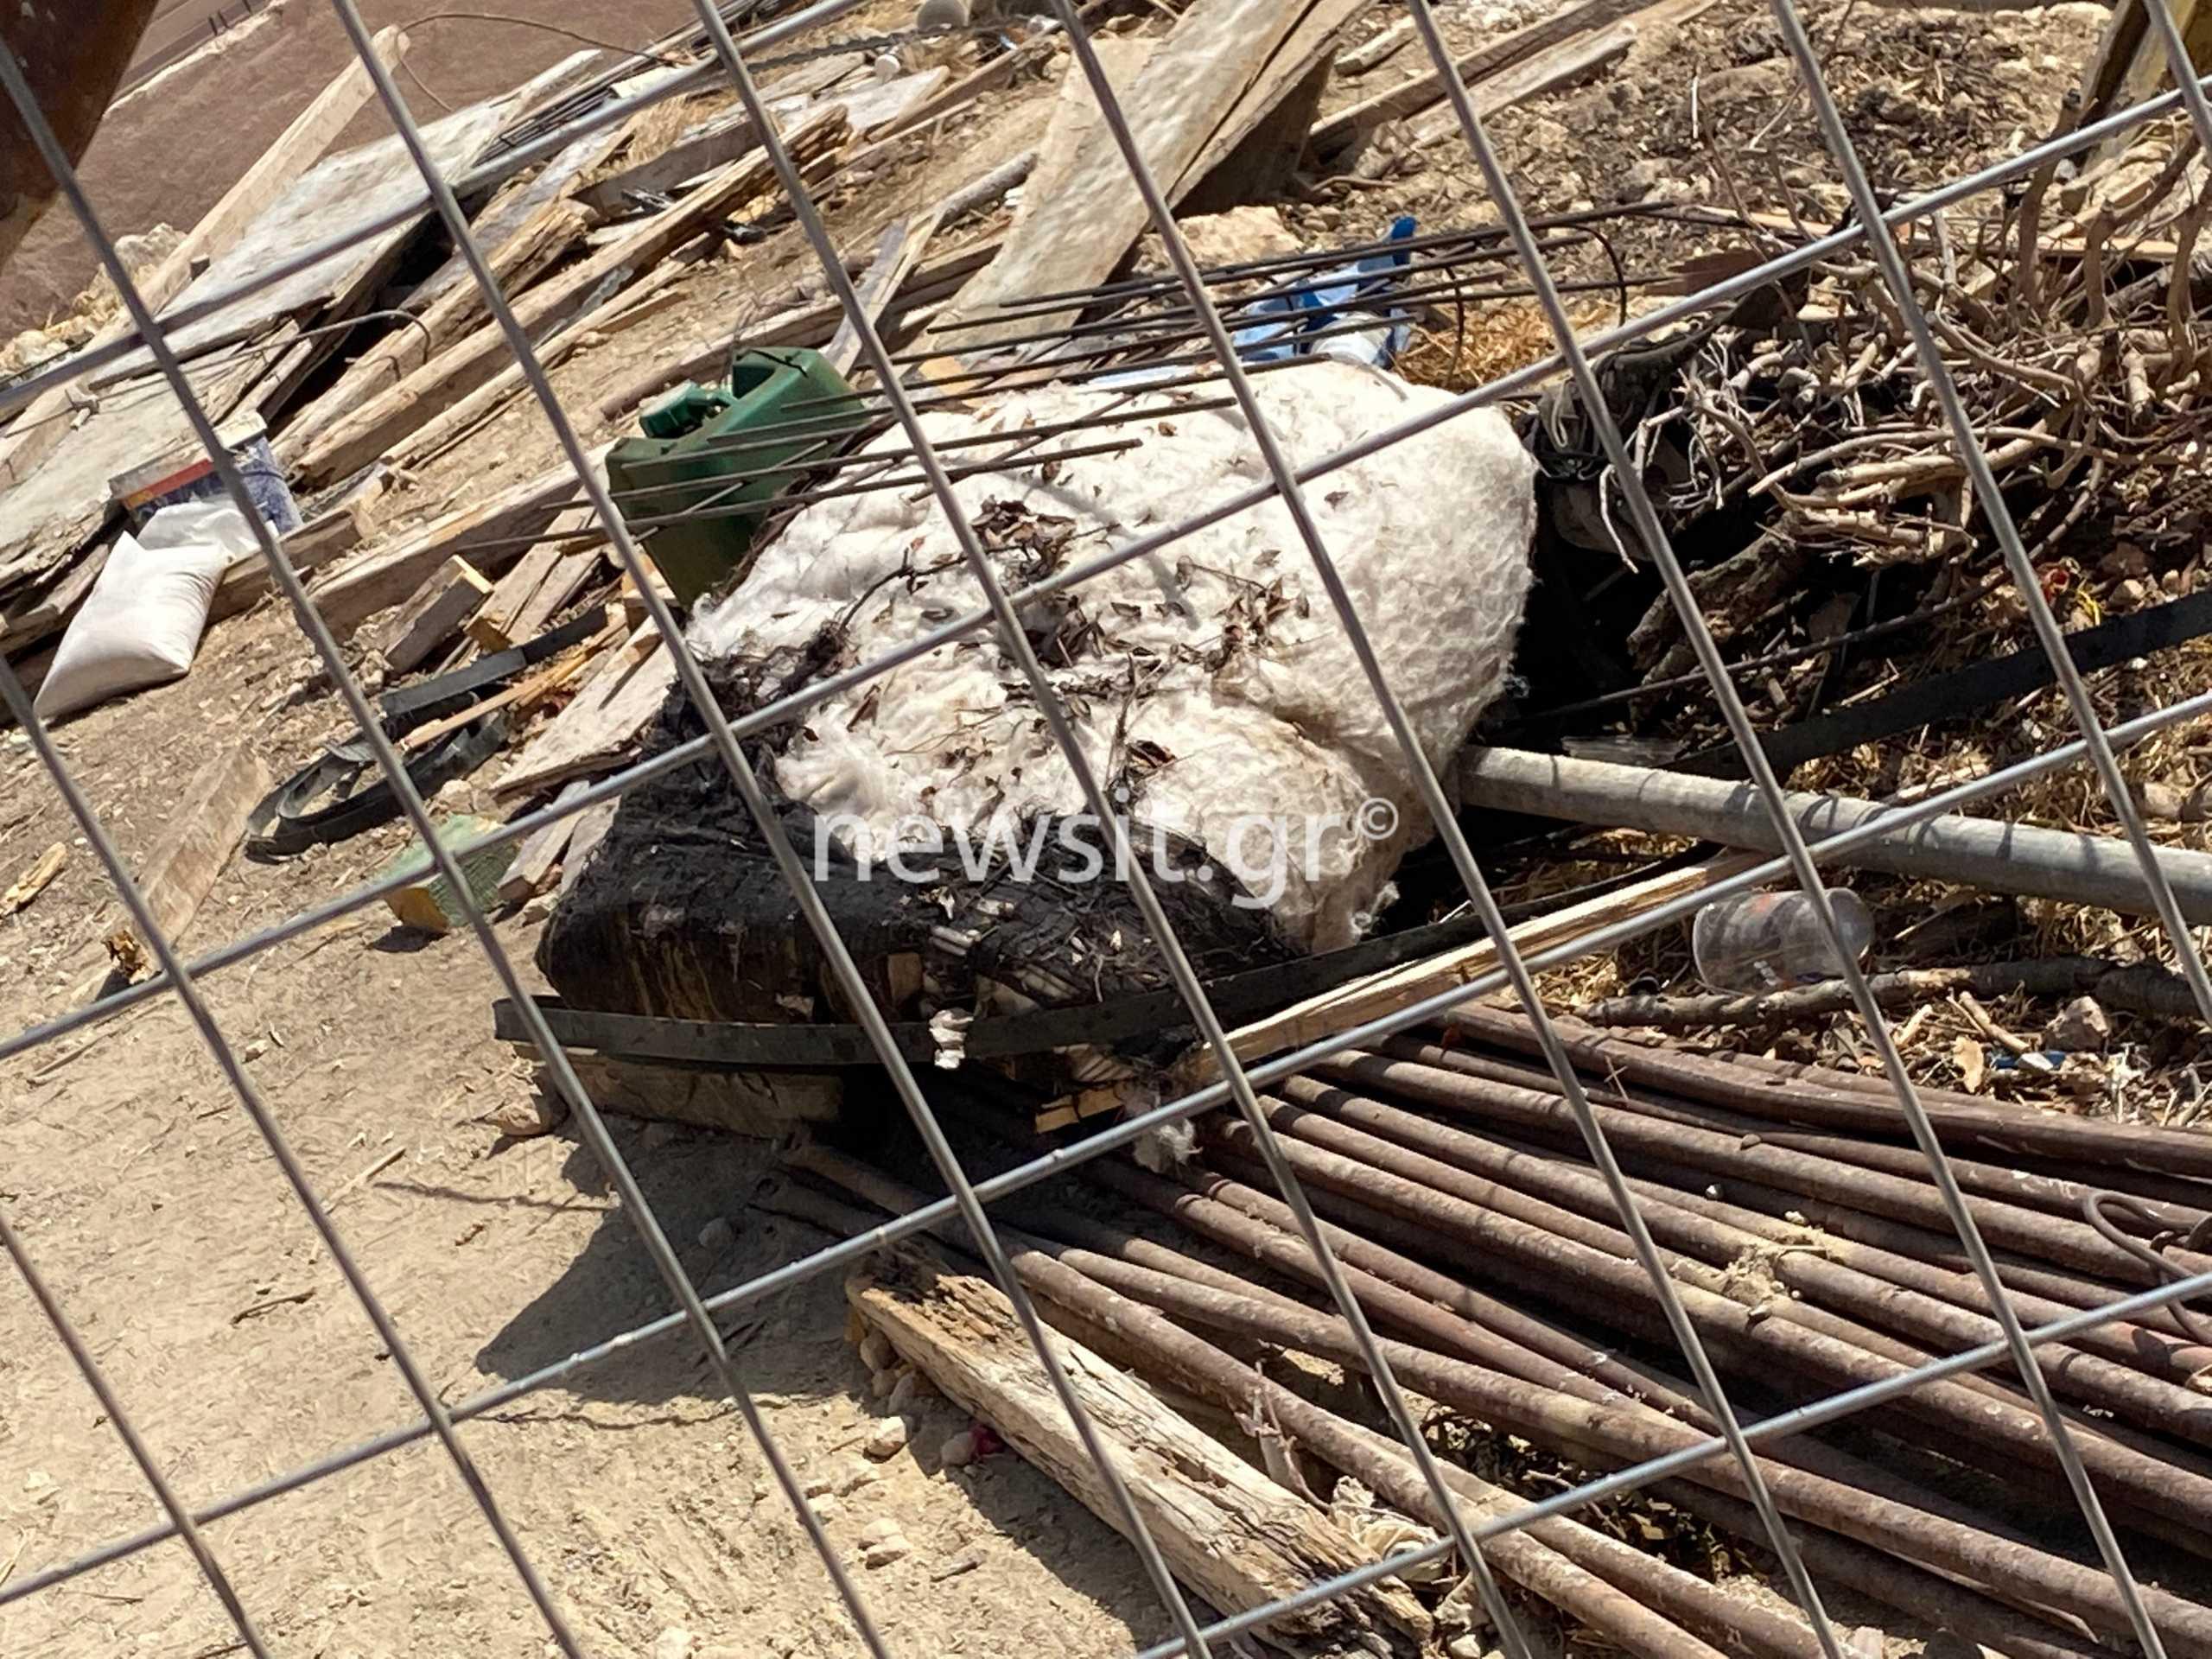 Έκρηξη στα Καλύβια: Εικόνες καταστροφής από το σπίτι – Σοβαρή η κατάσταση του πατέρα